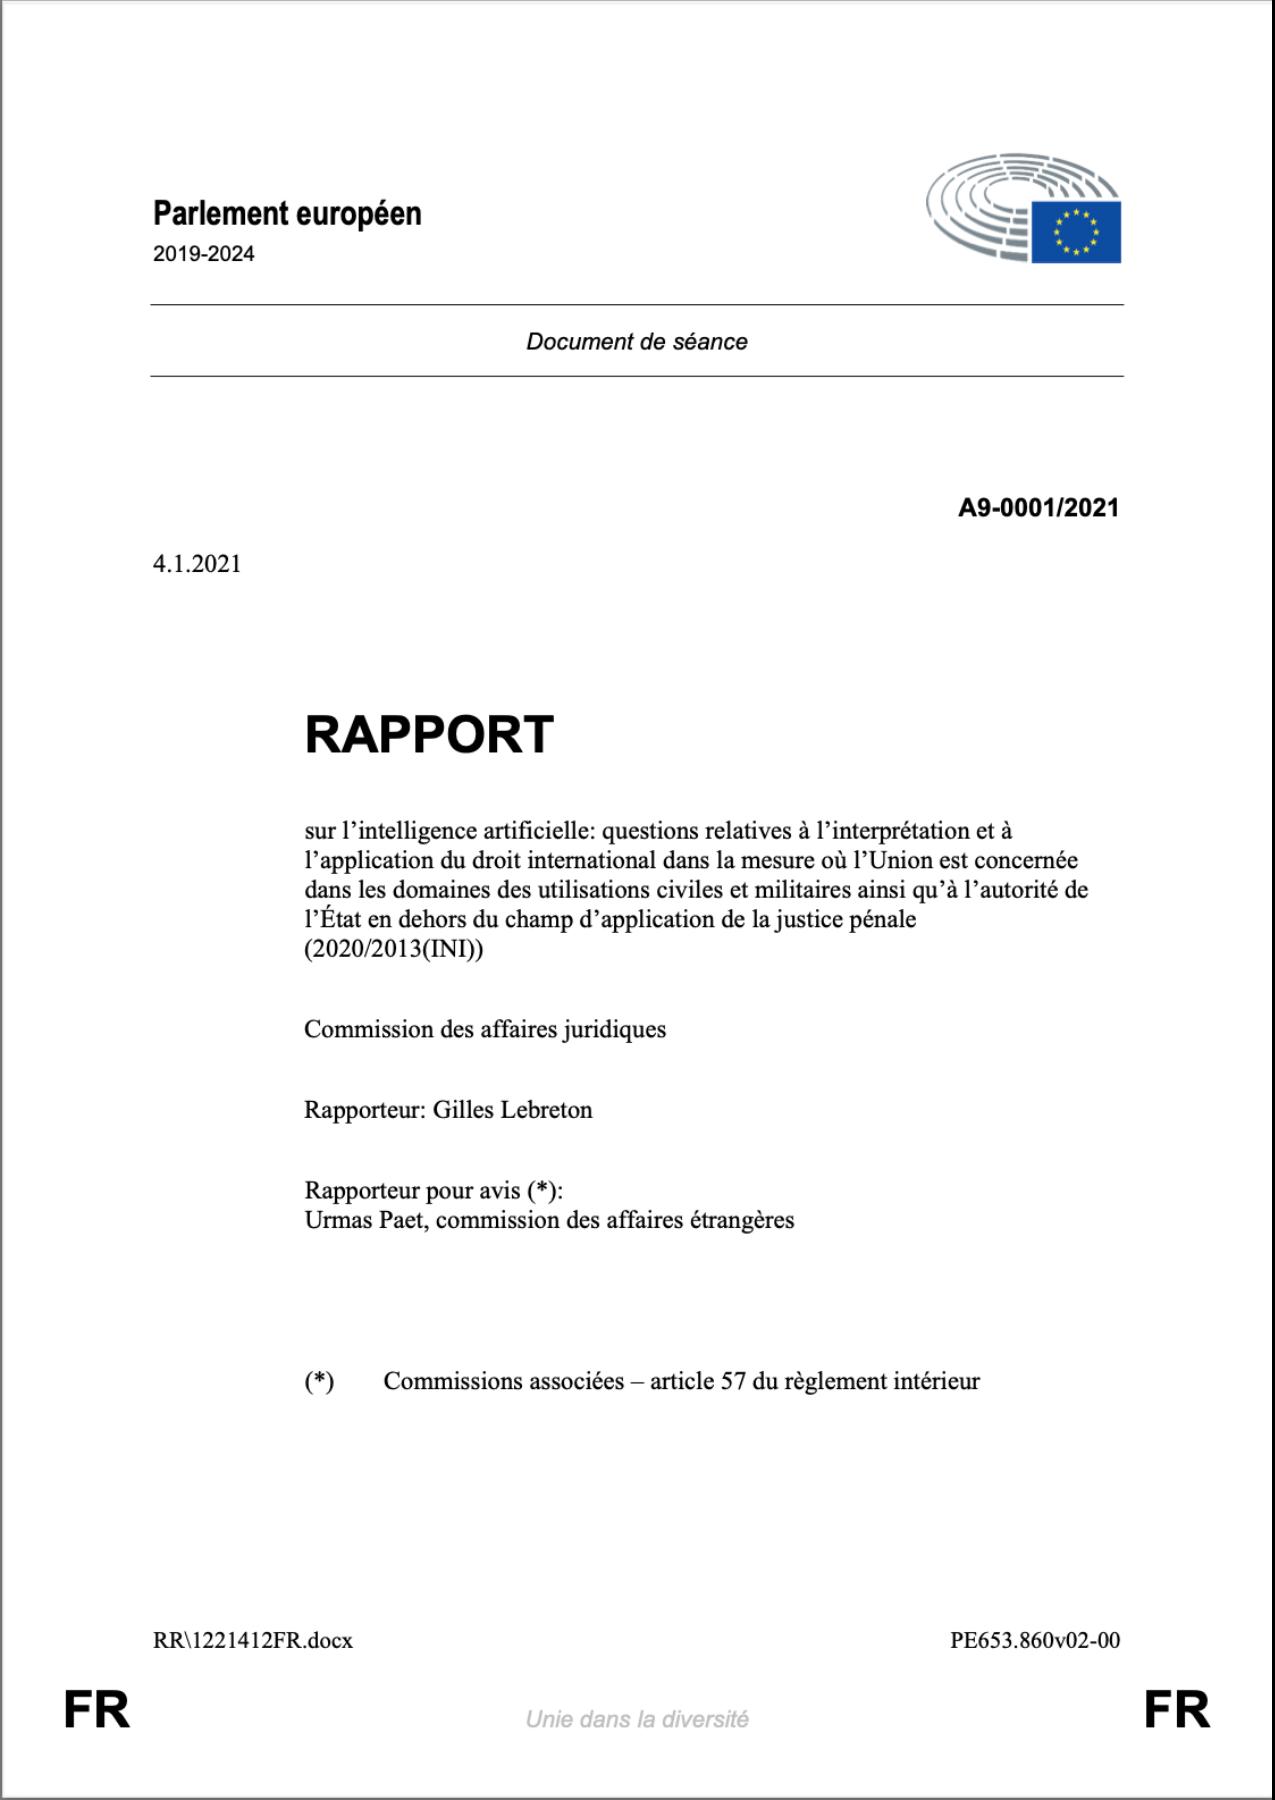 Questions relatives à l'interprétation et à l'application du droit international dans la mesure où l'Union est concernée dans les domaines des utilisations civiles et militaires